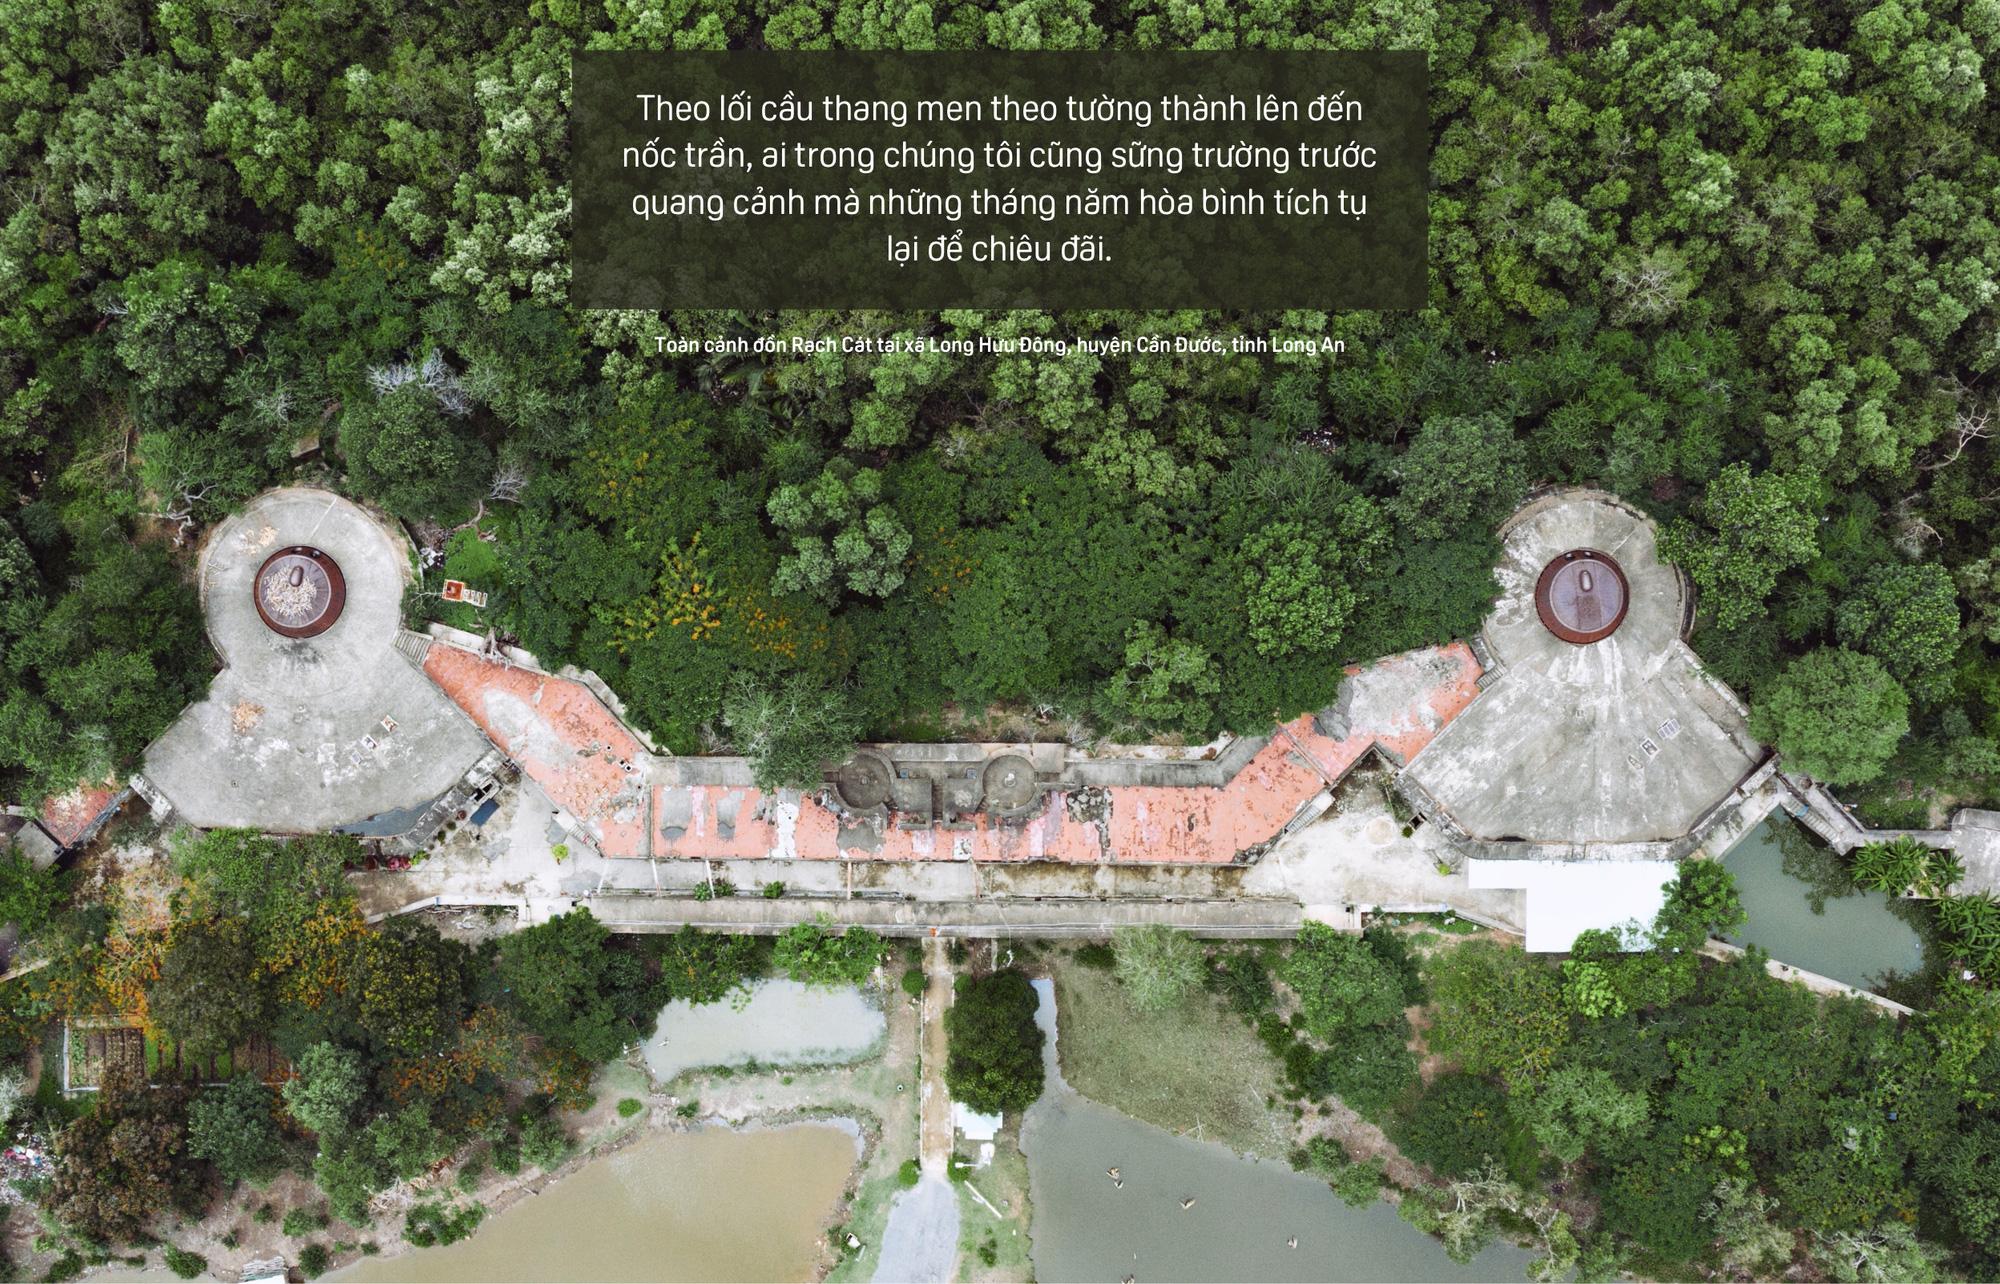 Bên trong Đồn Rạch Cát - pháo đài lớn nhất Đông Dương - Ảnh 7.